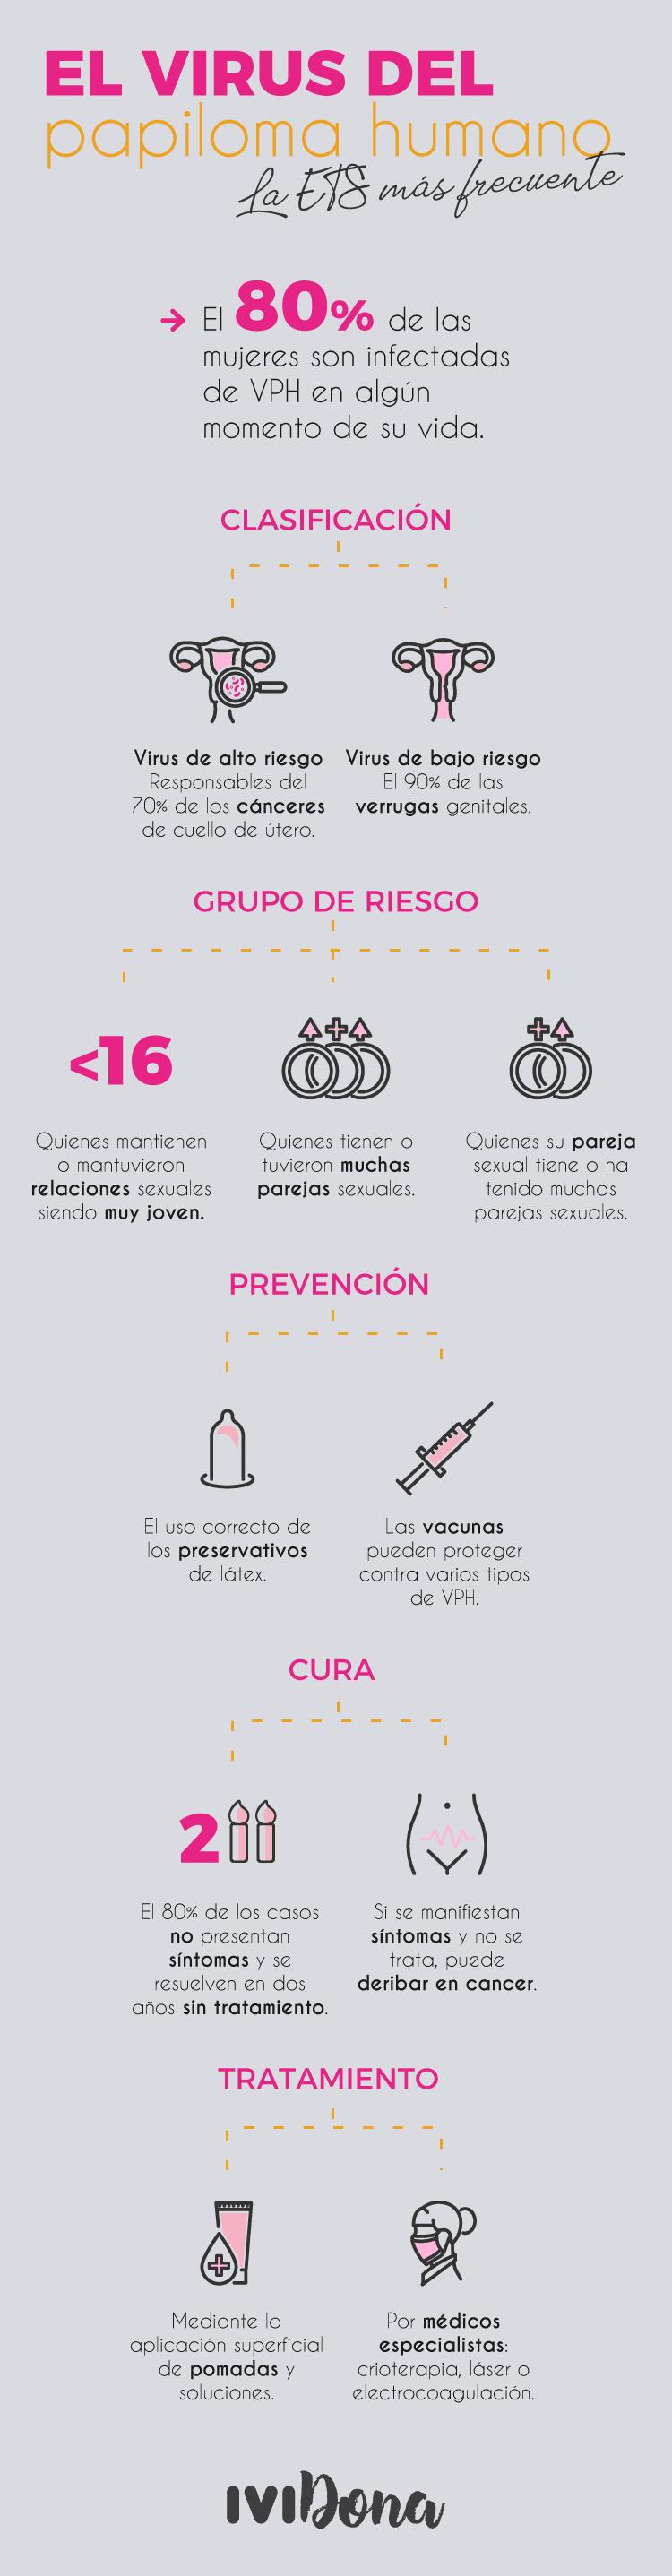 virus del papiloma tratamiento mujeres medicamente anestezice pentru copii și adulți